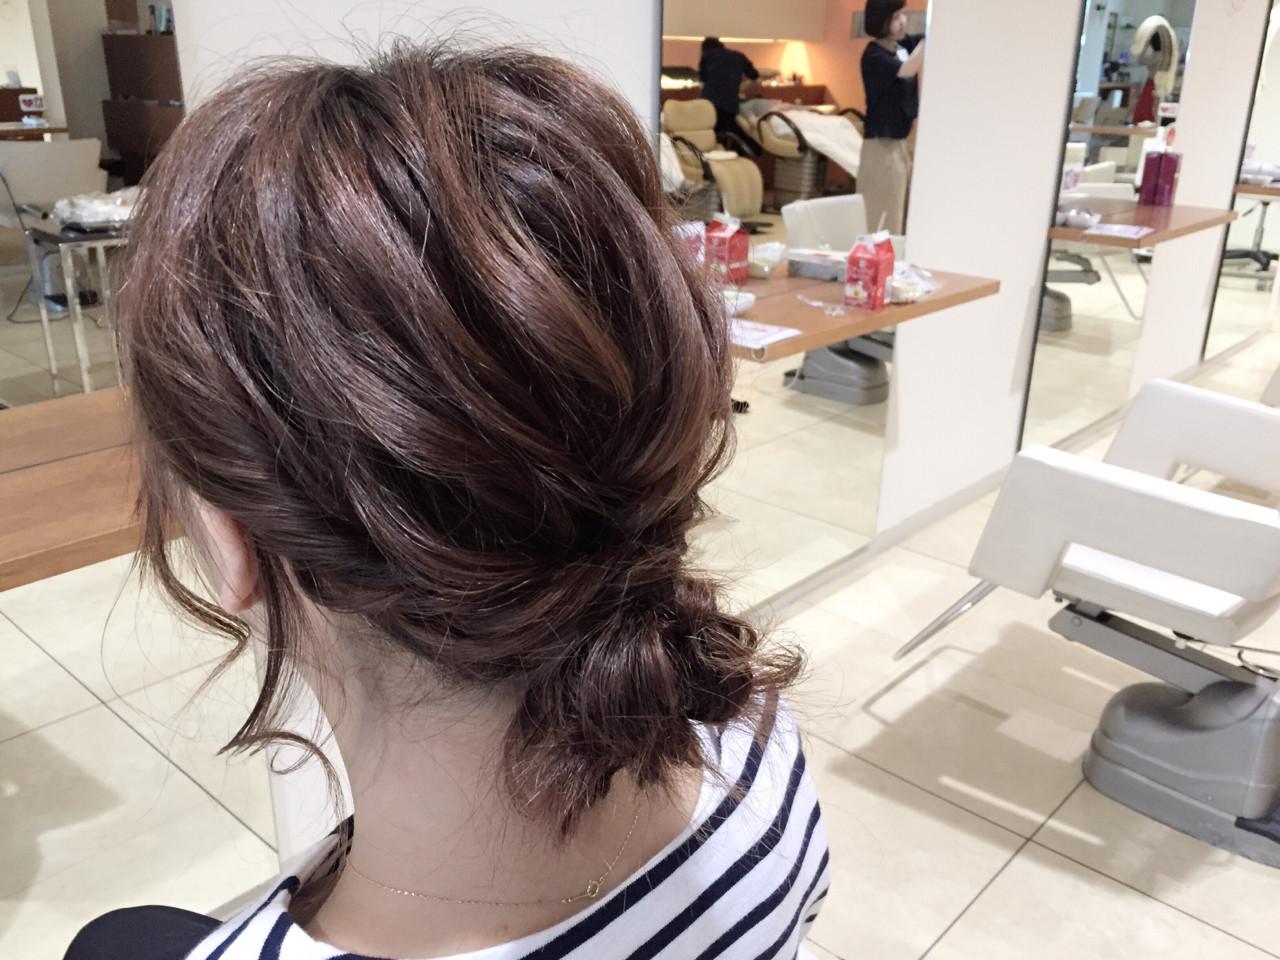 セミロング 波ウェーブ 大人かわいい ヘアアレンジ ヘアスタイルや髪型の写真・画像